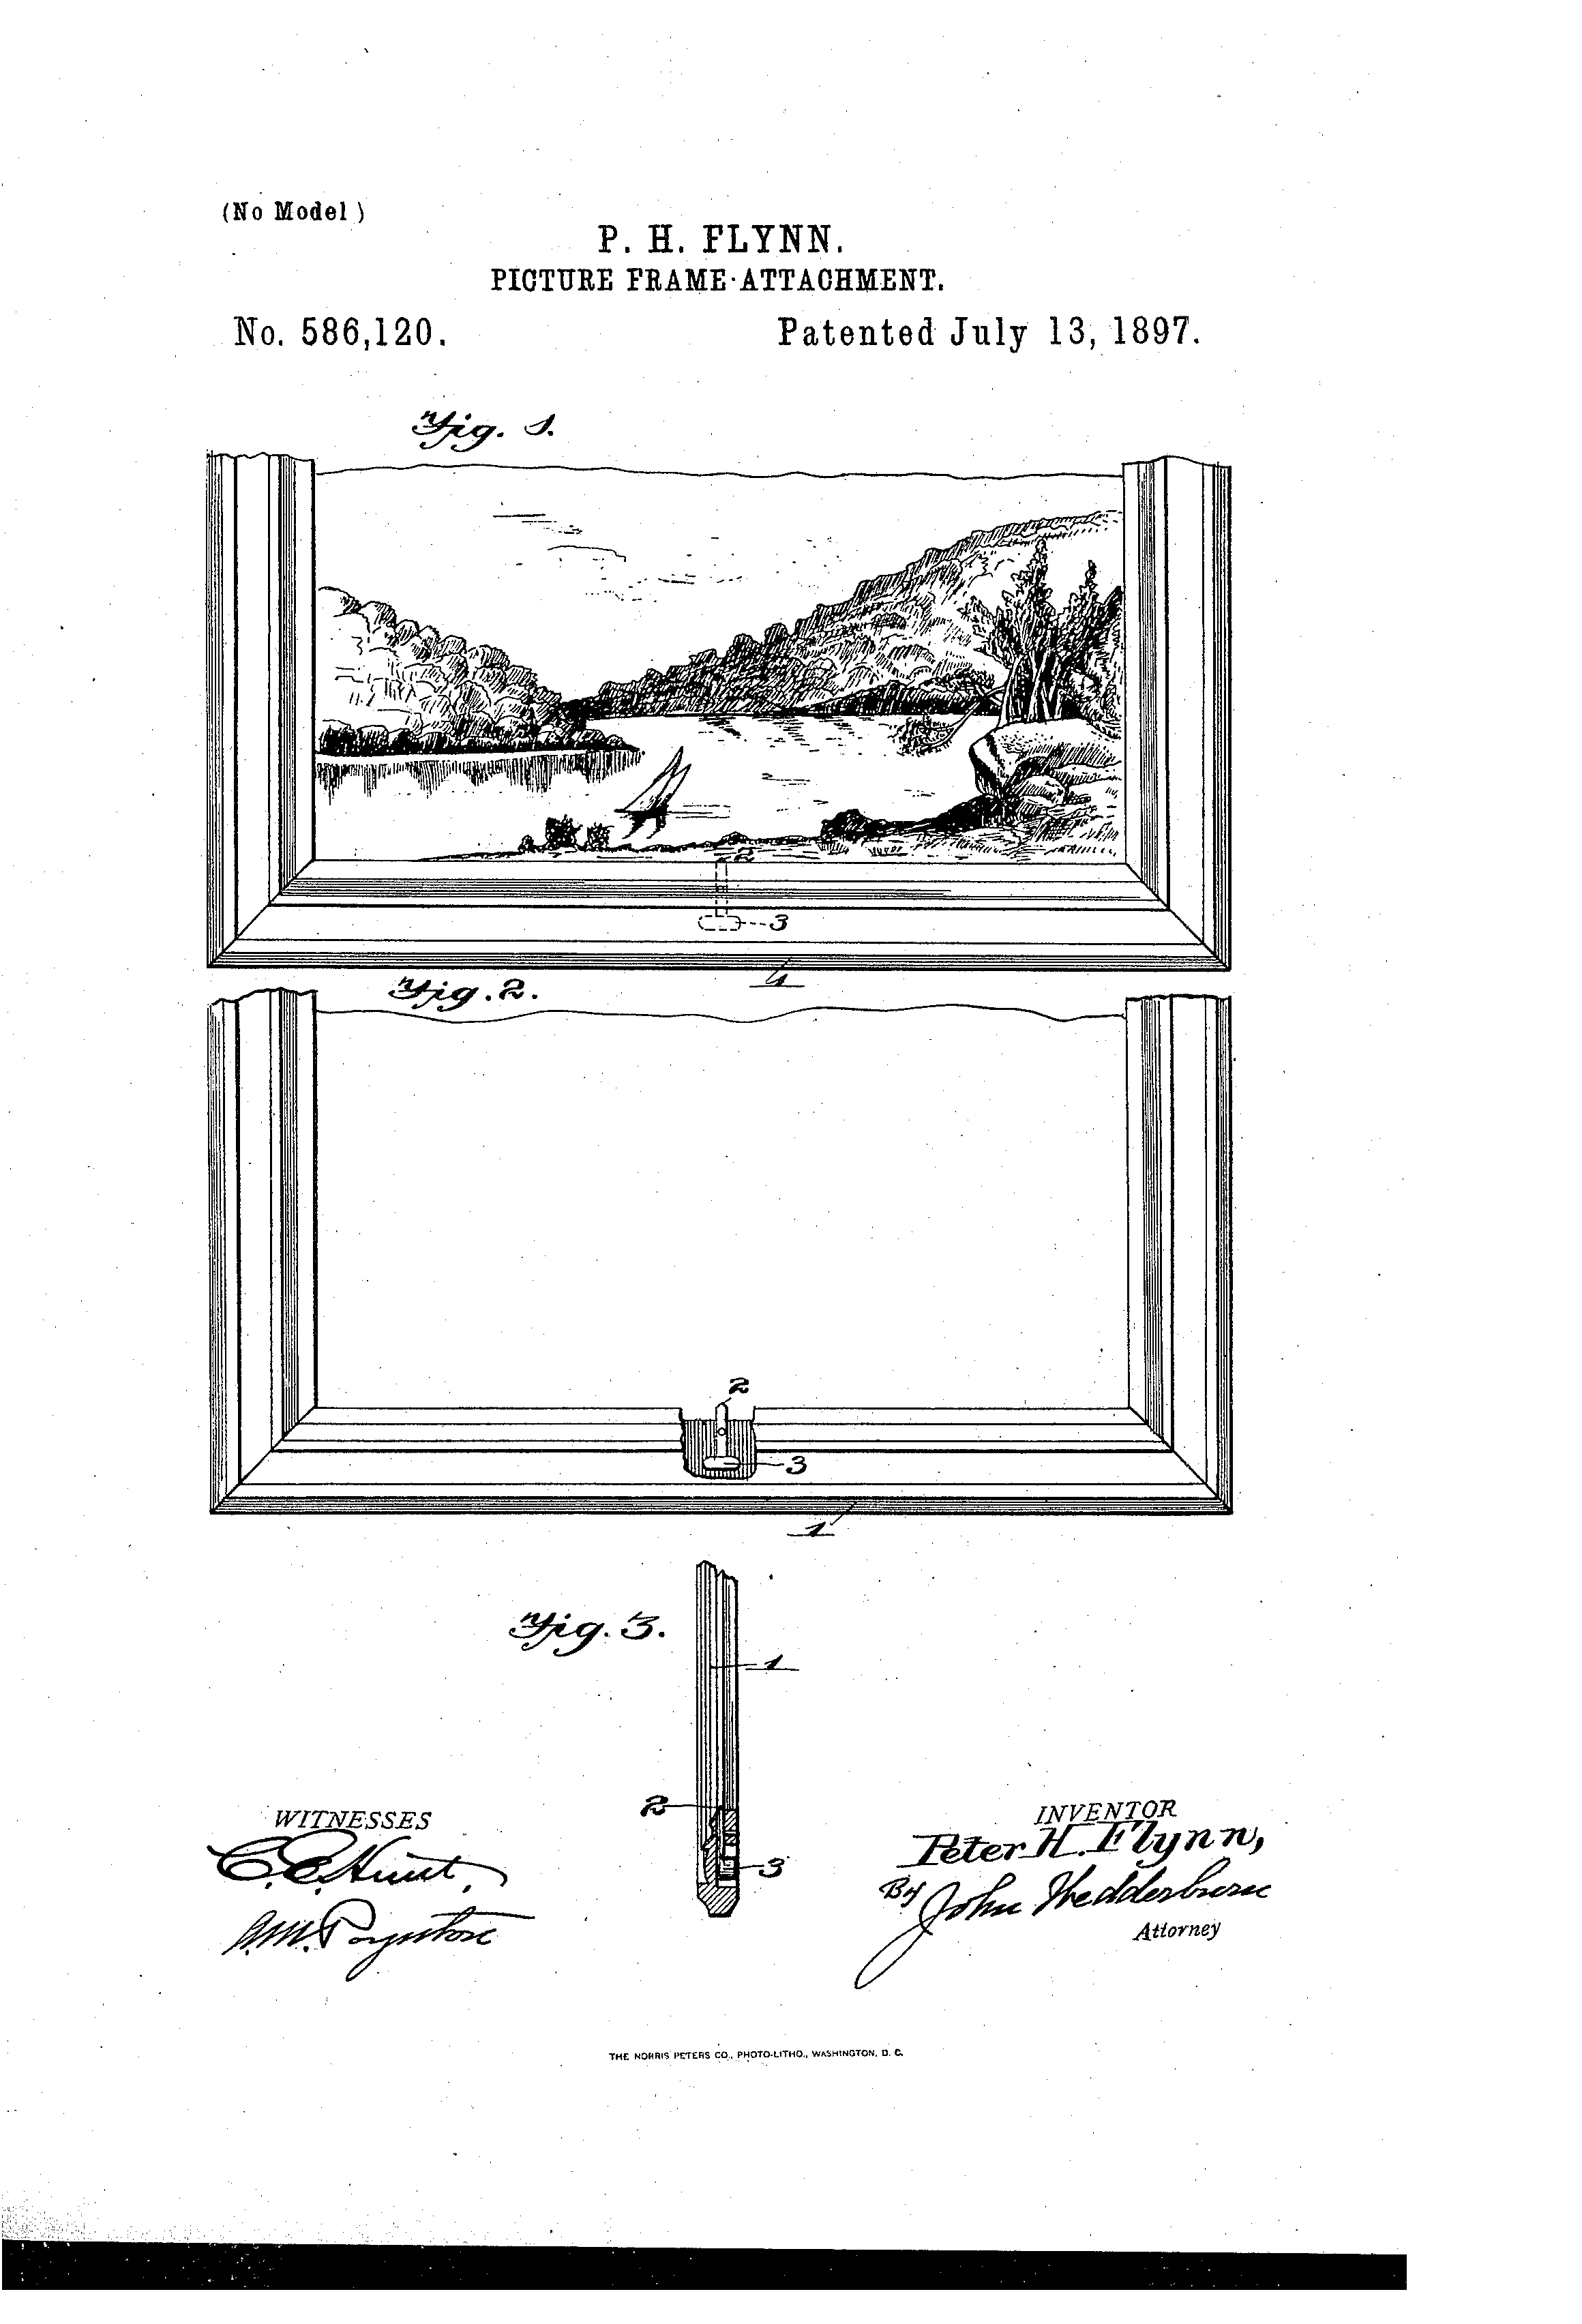 专利us586120 - peter